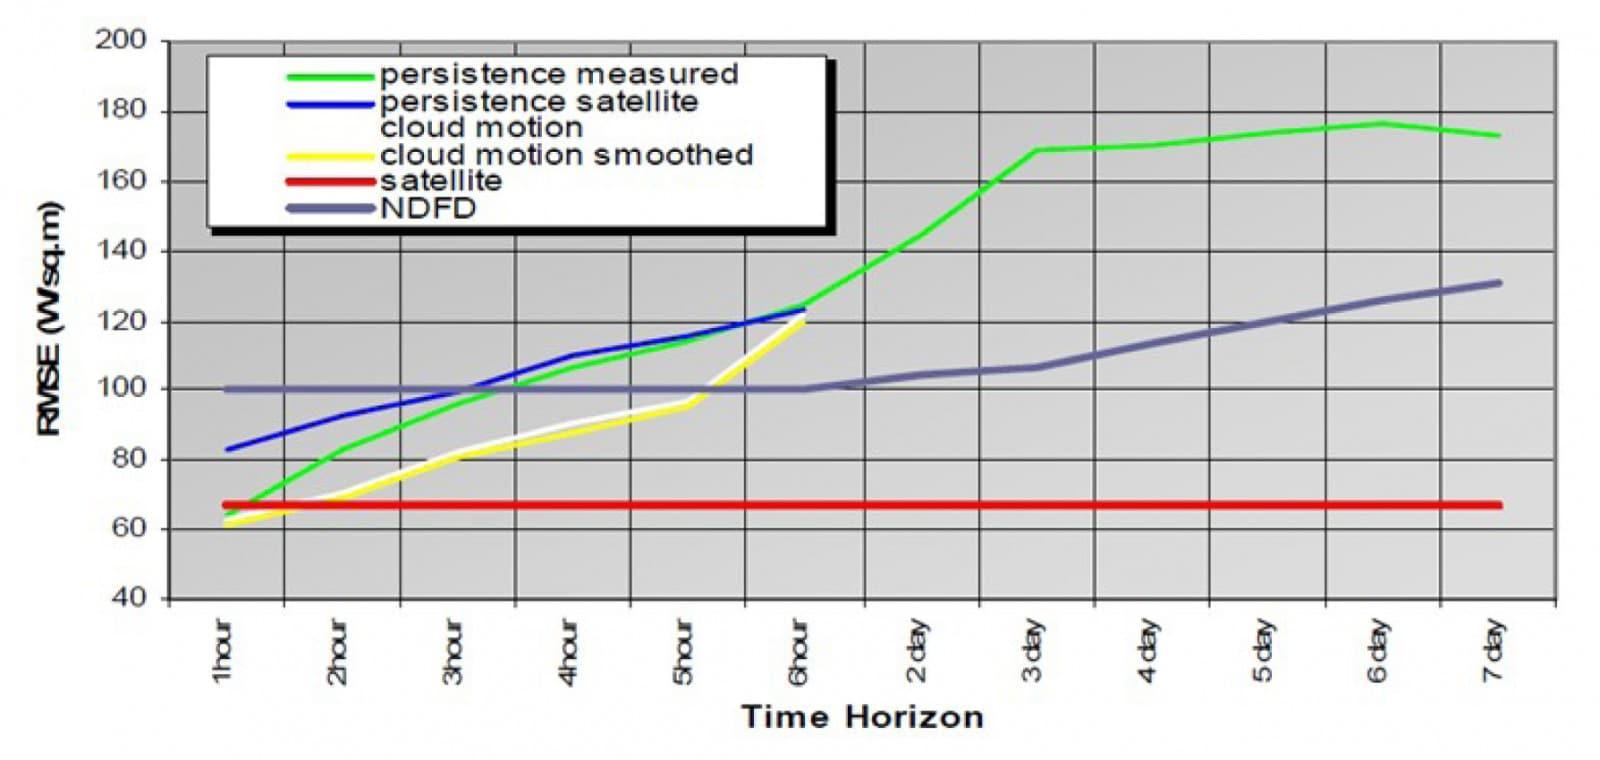 Рис. 3. Відносна середньоквадратична похибка прогнозування (RMSE) сонячної генерації на добу наперед системою наземного виміру SURFRAD з використанням ЧПП і методів стохастичного самонавчання, Вт/м2. Джерело: Міжнародне енергетичне агентство (IEA), Report IEA-PVPS T14-01:2013.